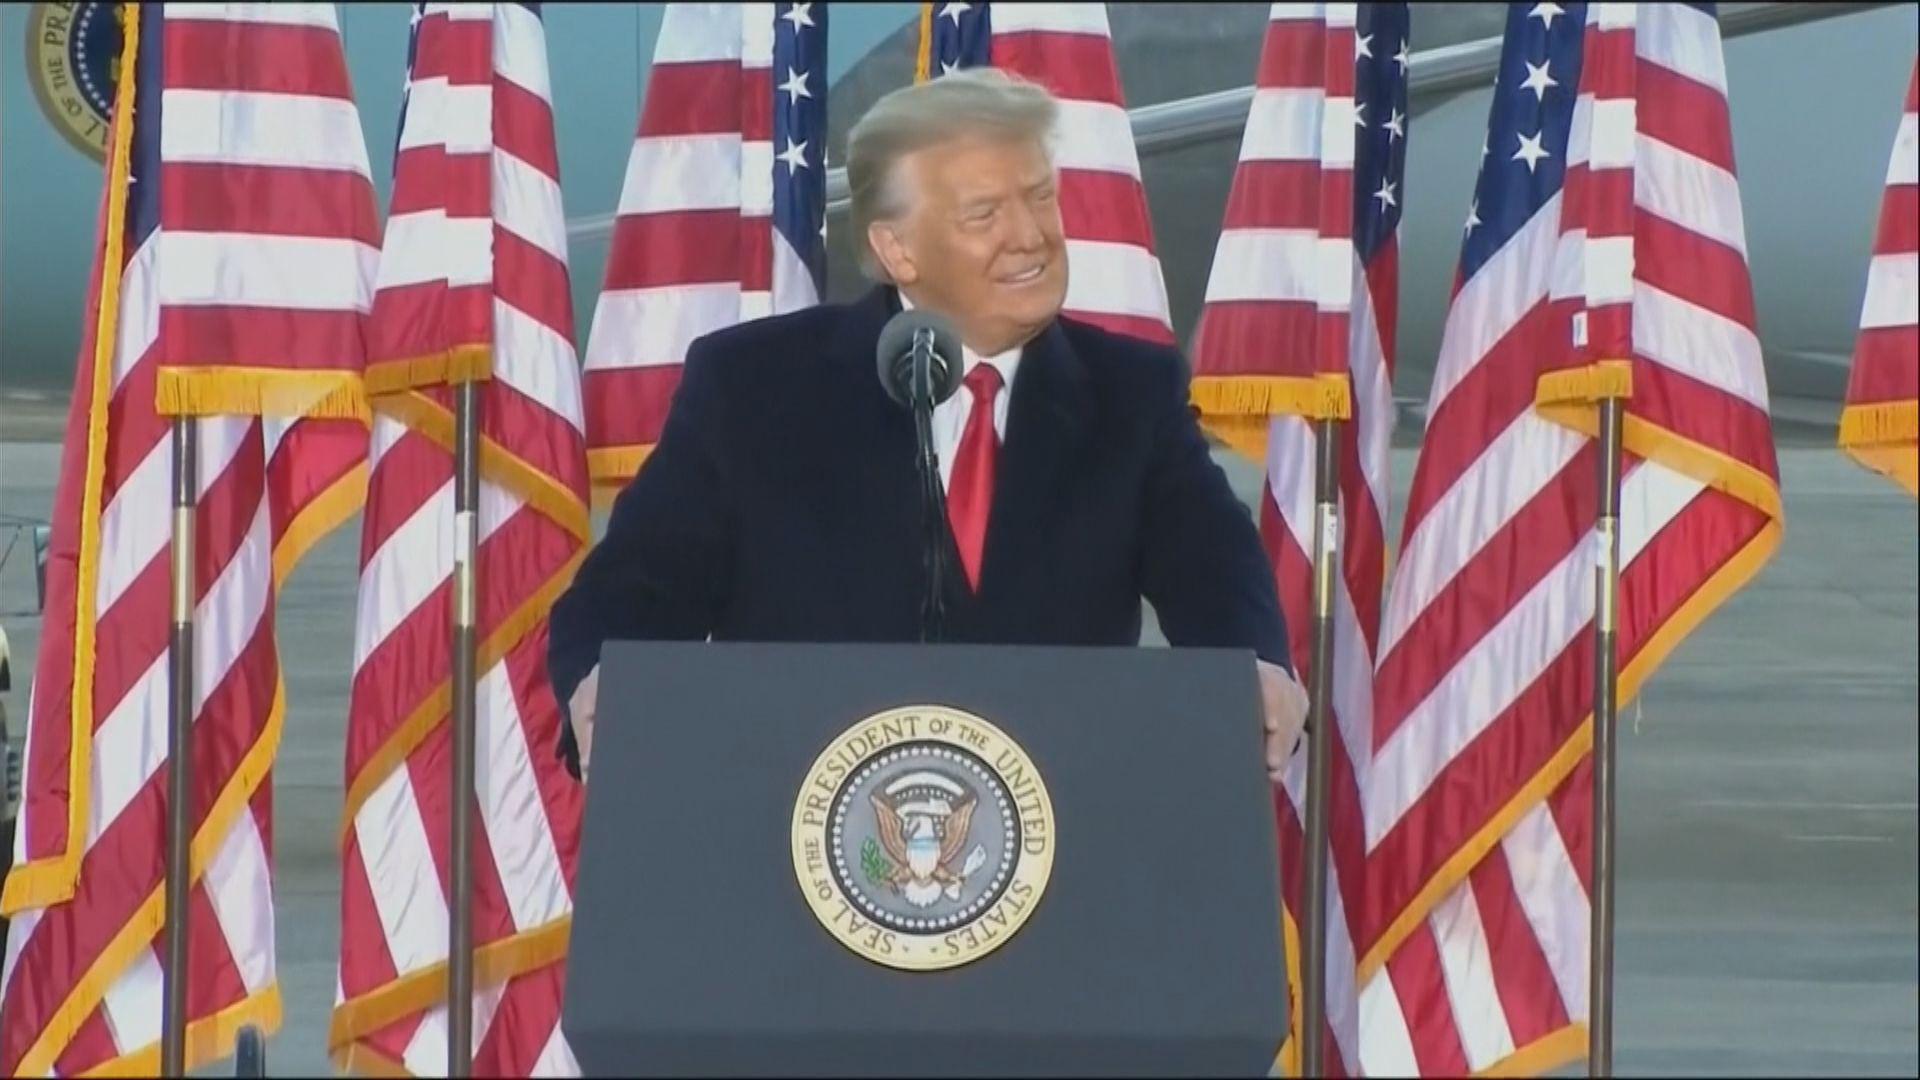 特朗普離開白宮赴馬里蘭州出席歡送儀式